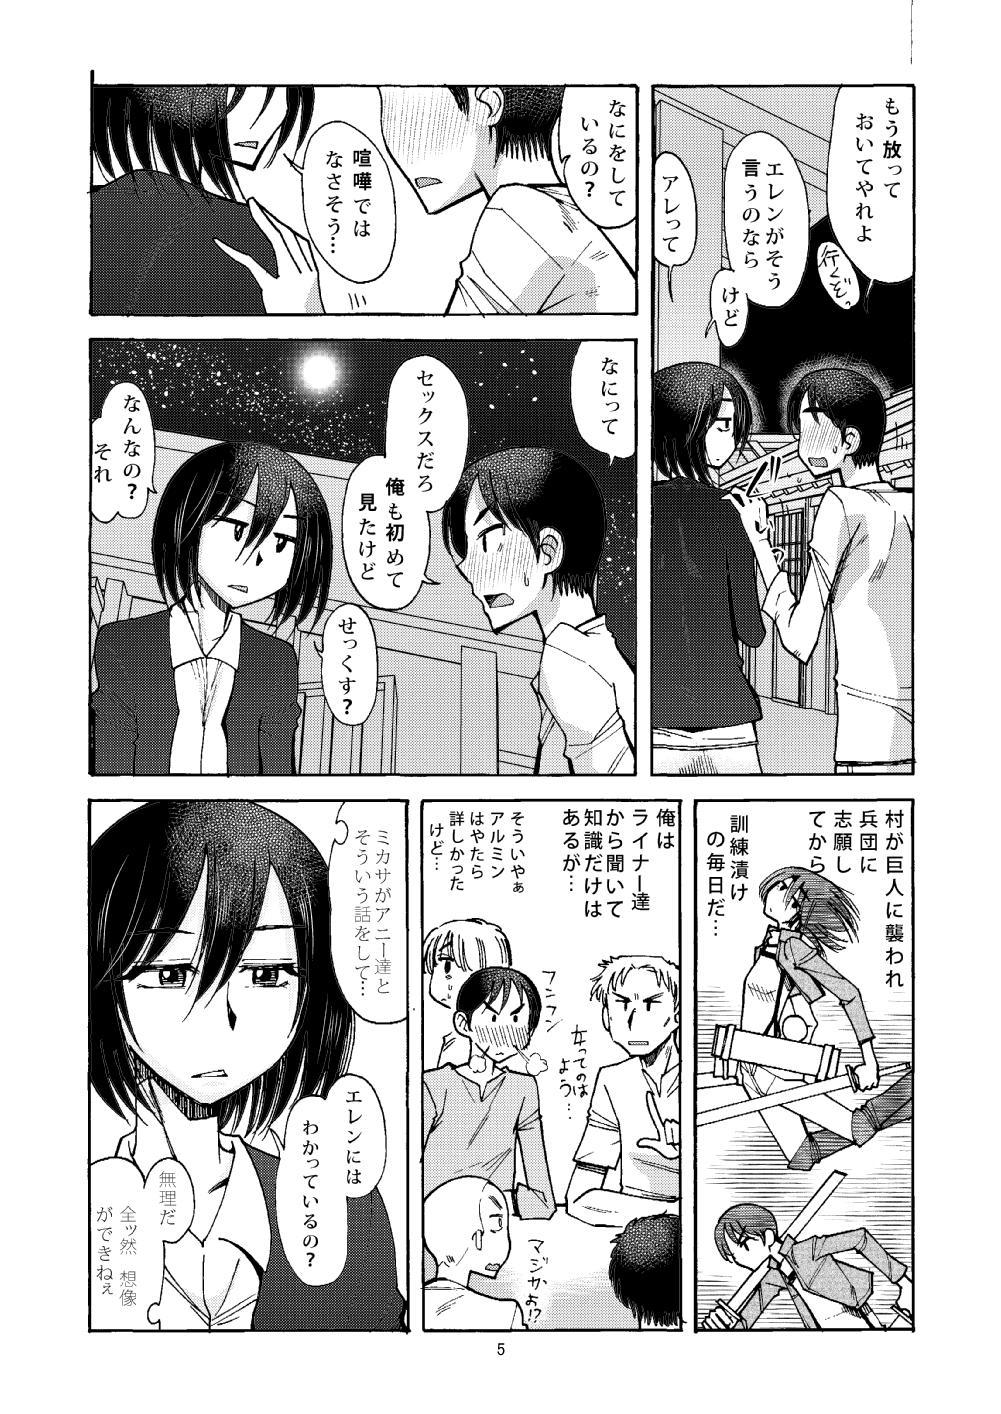 Watashi wa Eren ga Suki. Eren wa Watashi ga Suki. Nani mo Mondai wa Nai 3